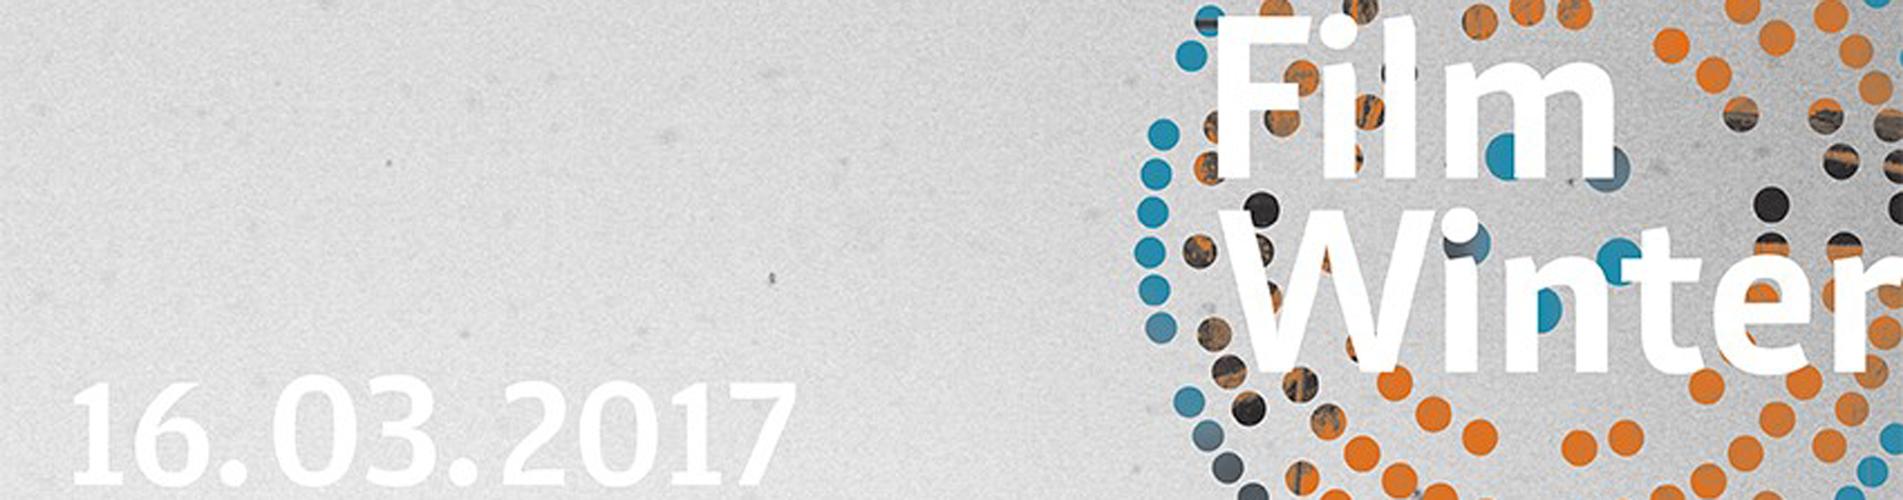 Bild zum Motto: FILMWINTER SACHSEN 2017 | 16. März